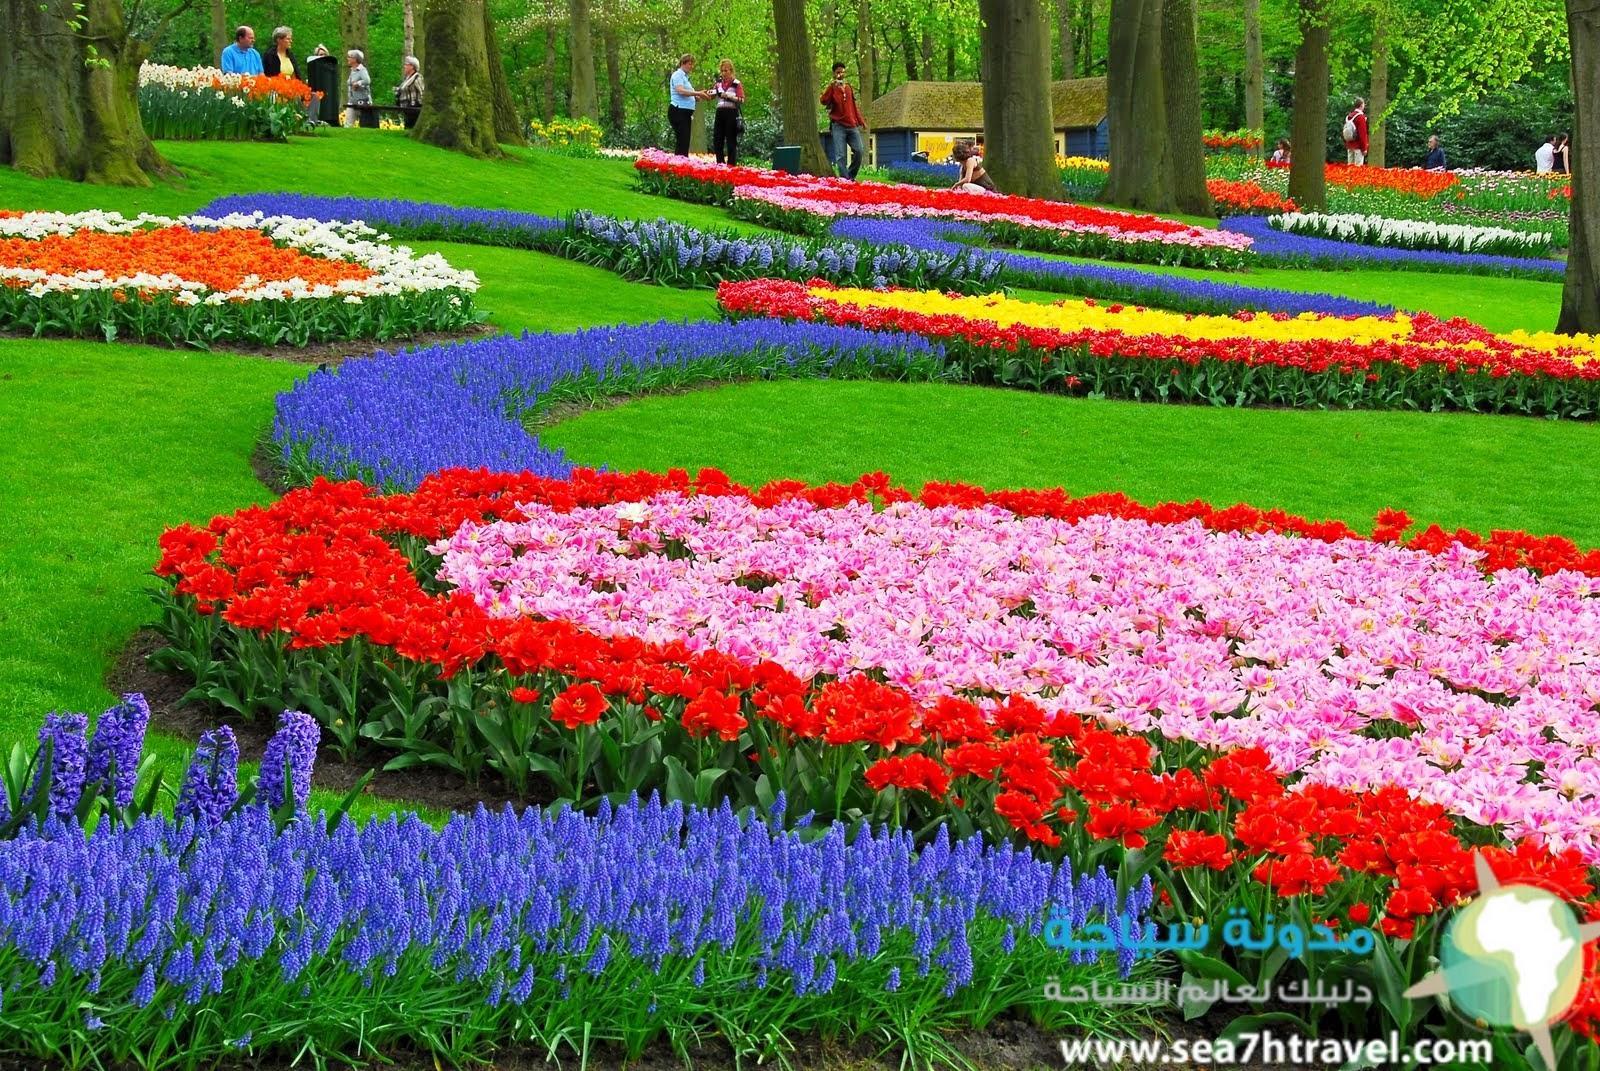 حديقة الزهور في اندونيسيا